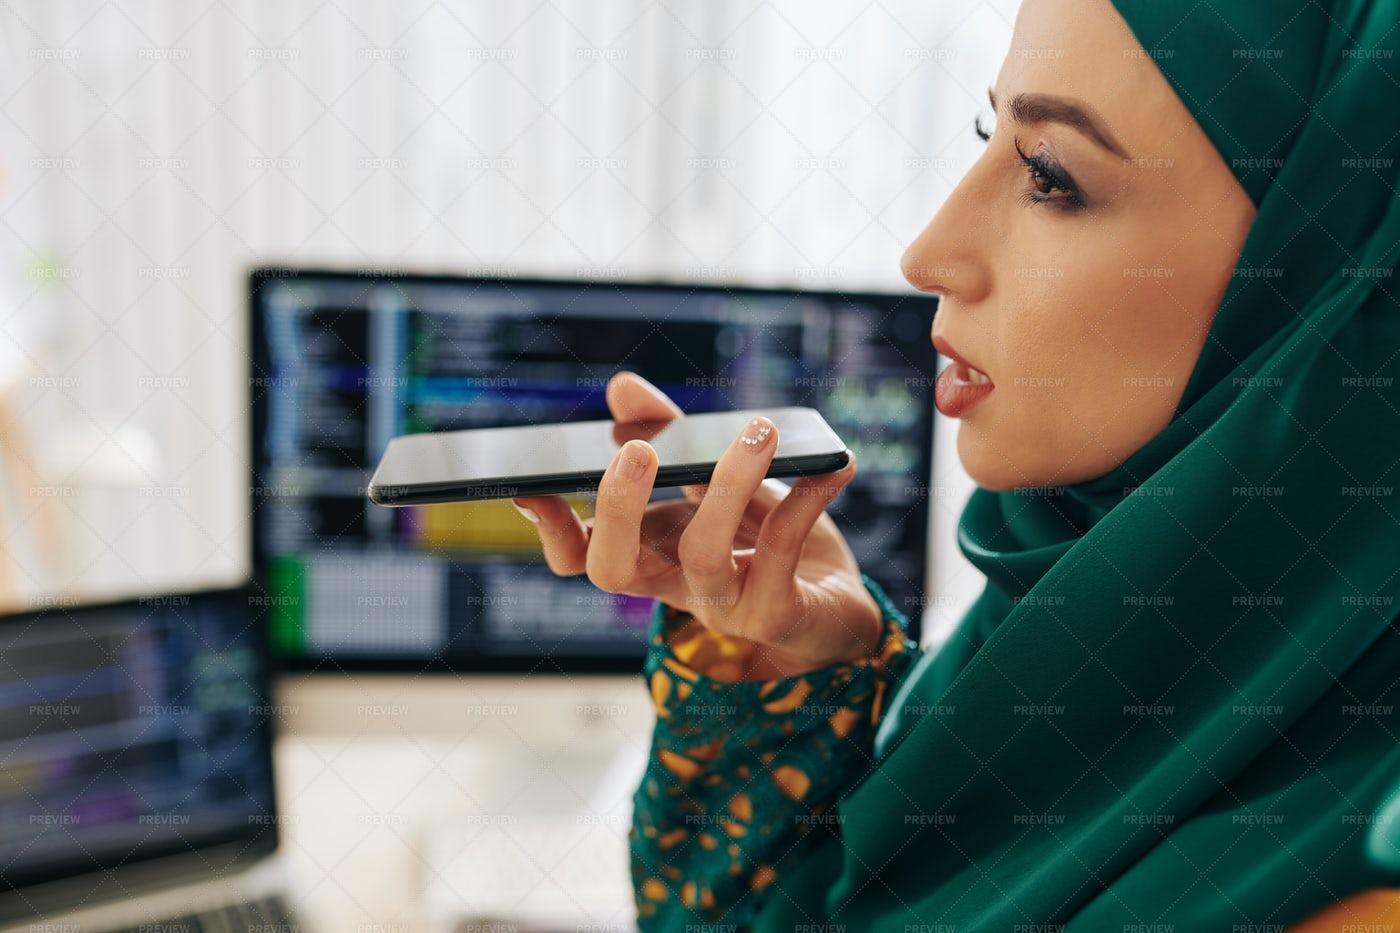 Recording Voice Message: Stock Photos